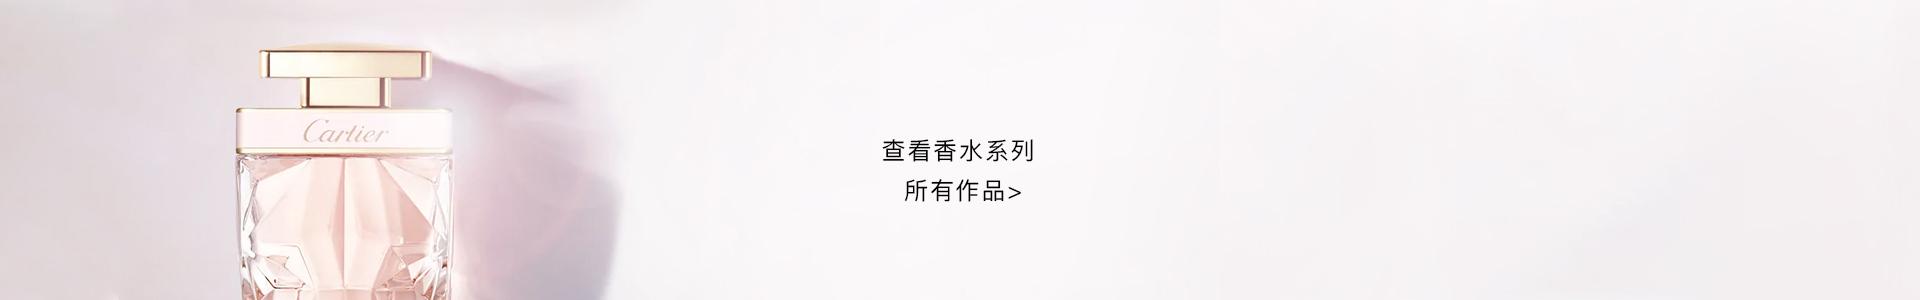 PC-官网香水_86